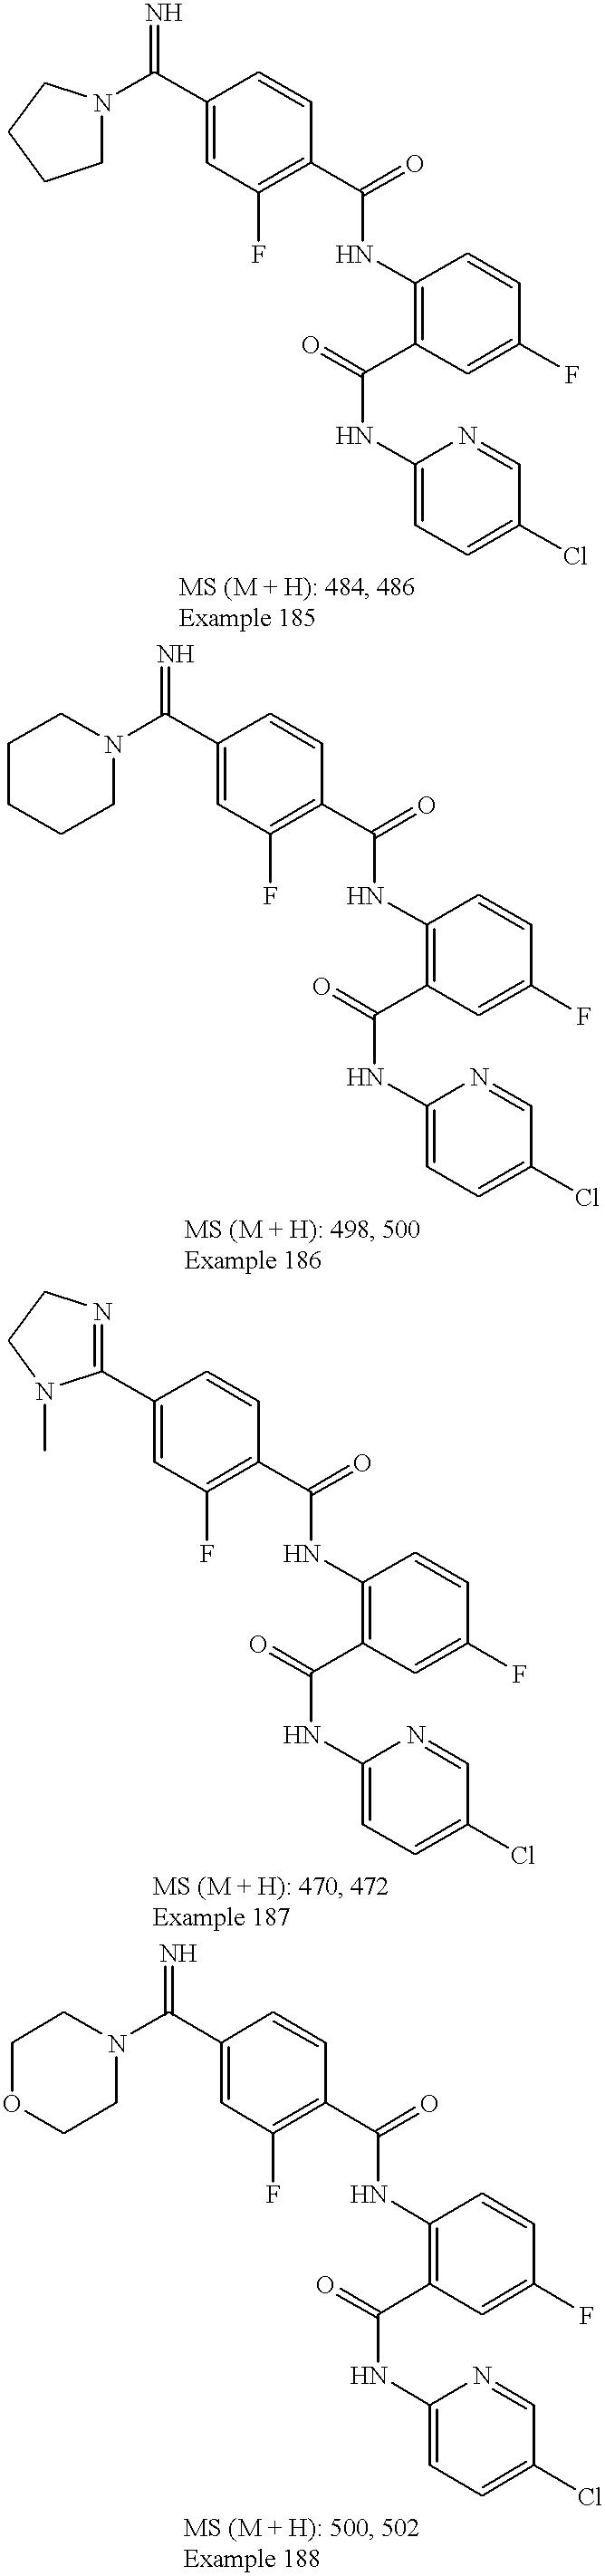 Figure US06376515-20020423-C00342